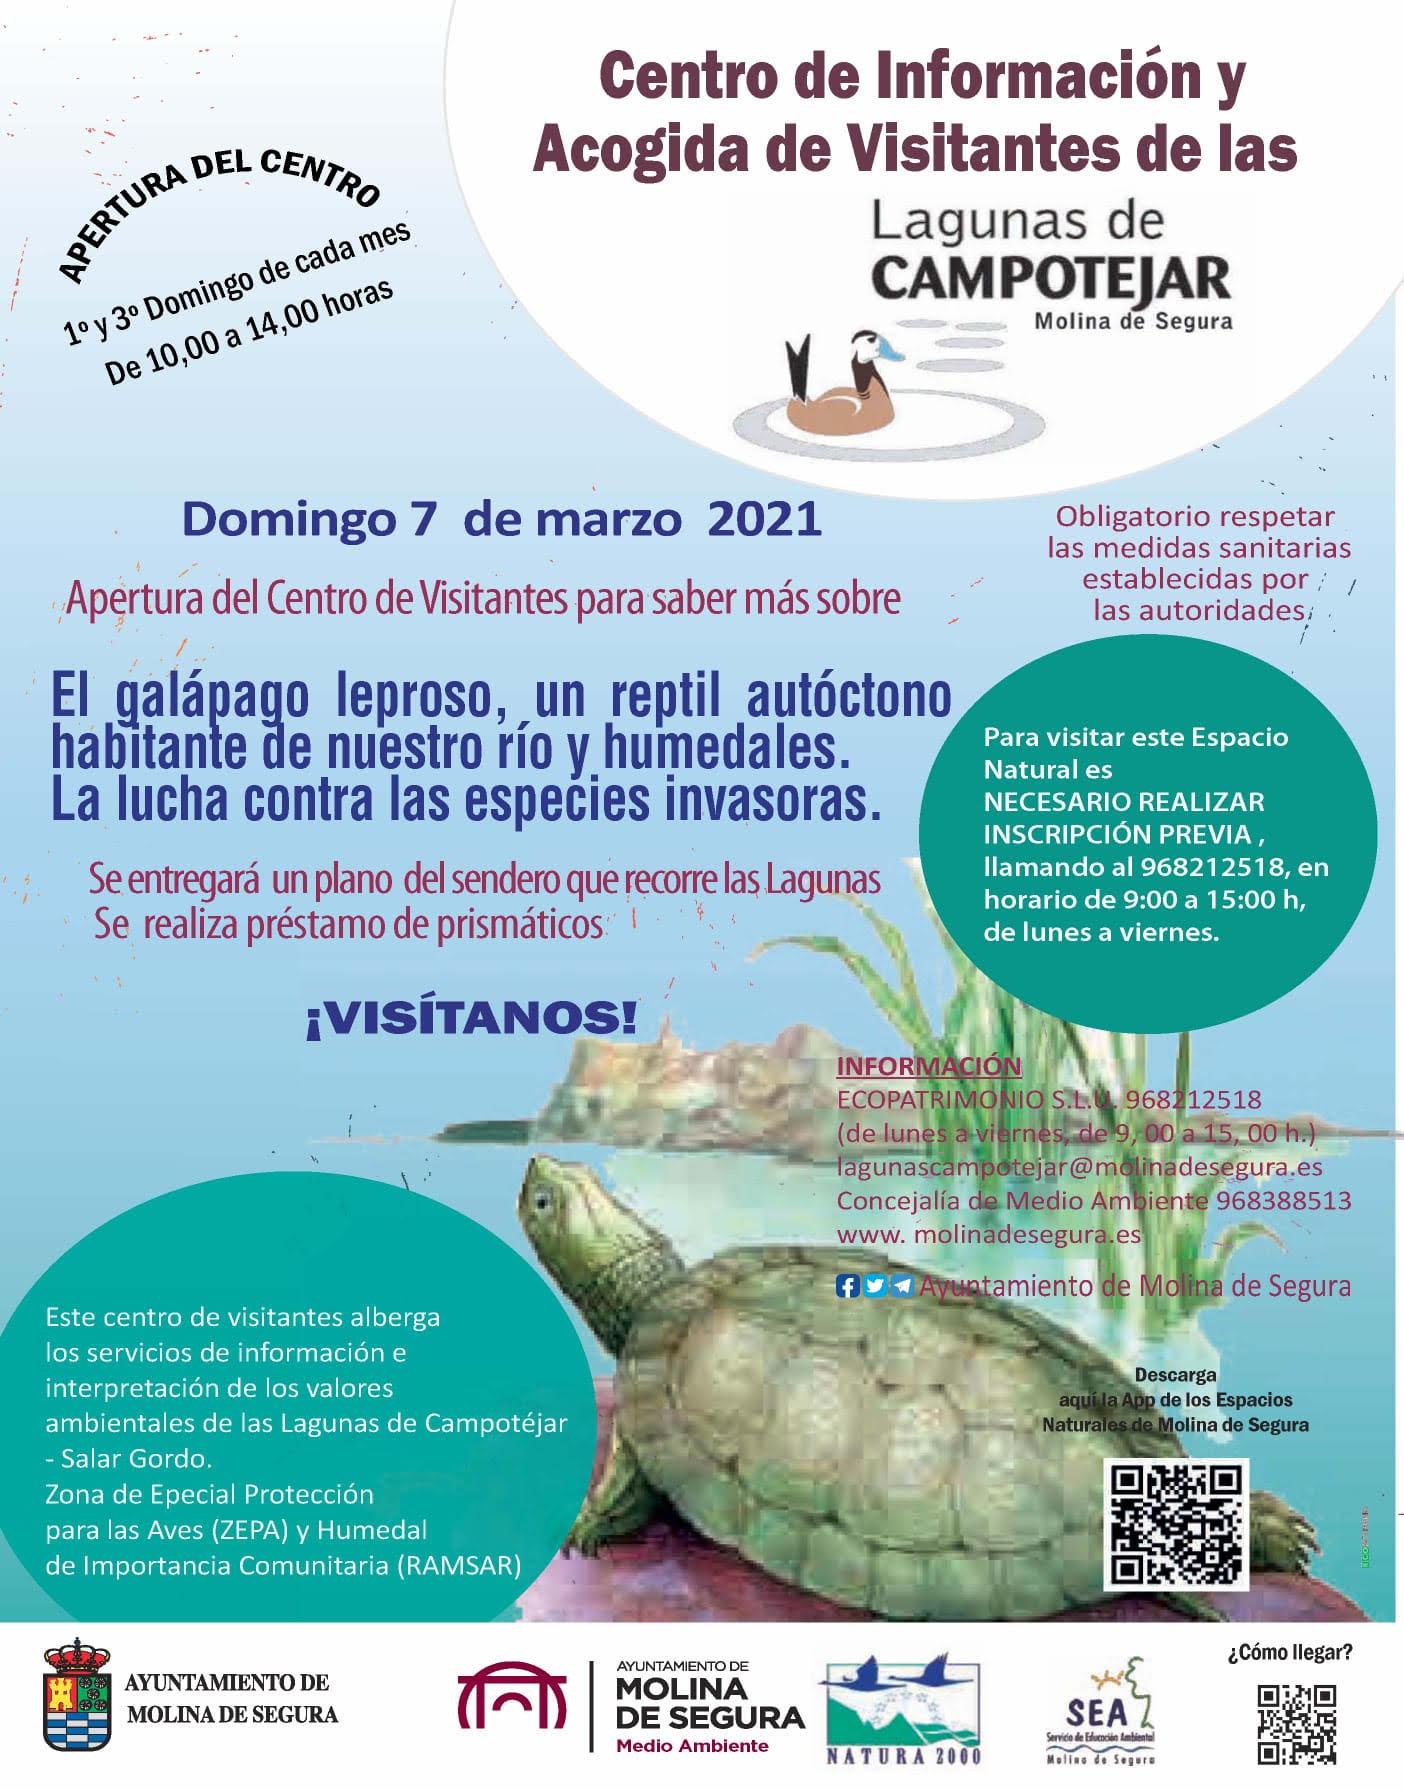 Jornada dedicada al galápago leproso en las Lagunas de Campotéjar, Ayto. de Molina de Segura